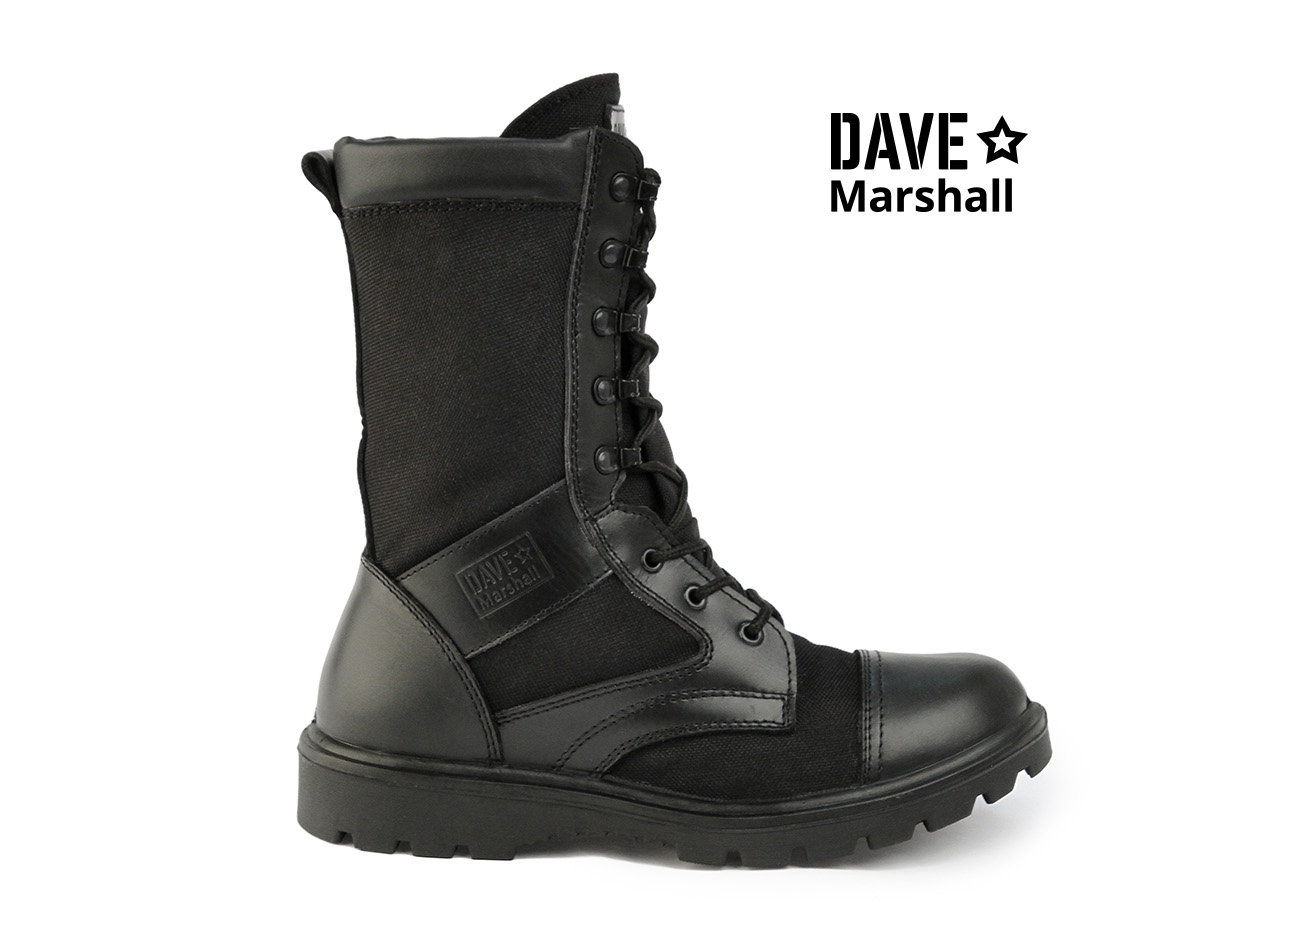 Ботинки кожаные облегченные с высокими Берцы<br><br><br>Пол: мужской<br>Размер: 40<br>Сезон: лето<br>Цвет: черный